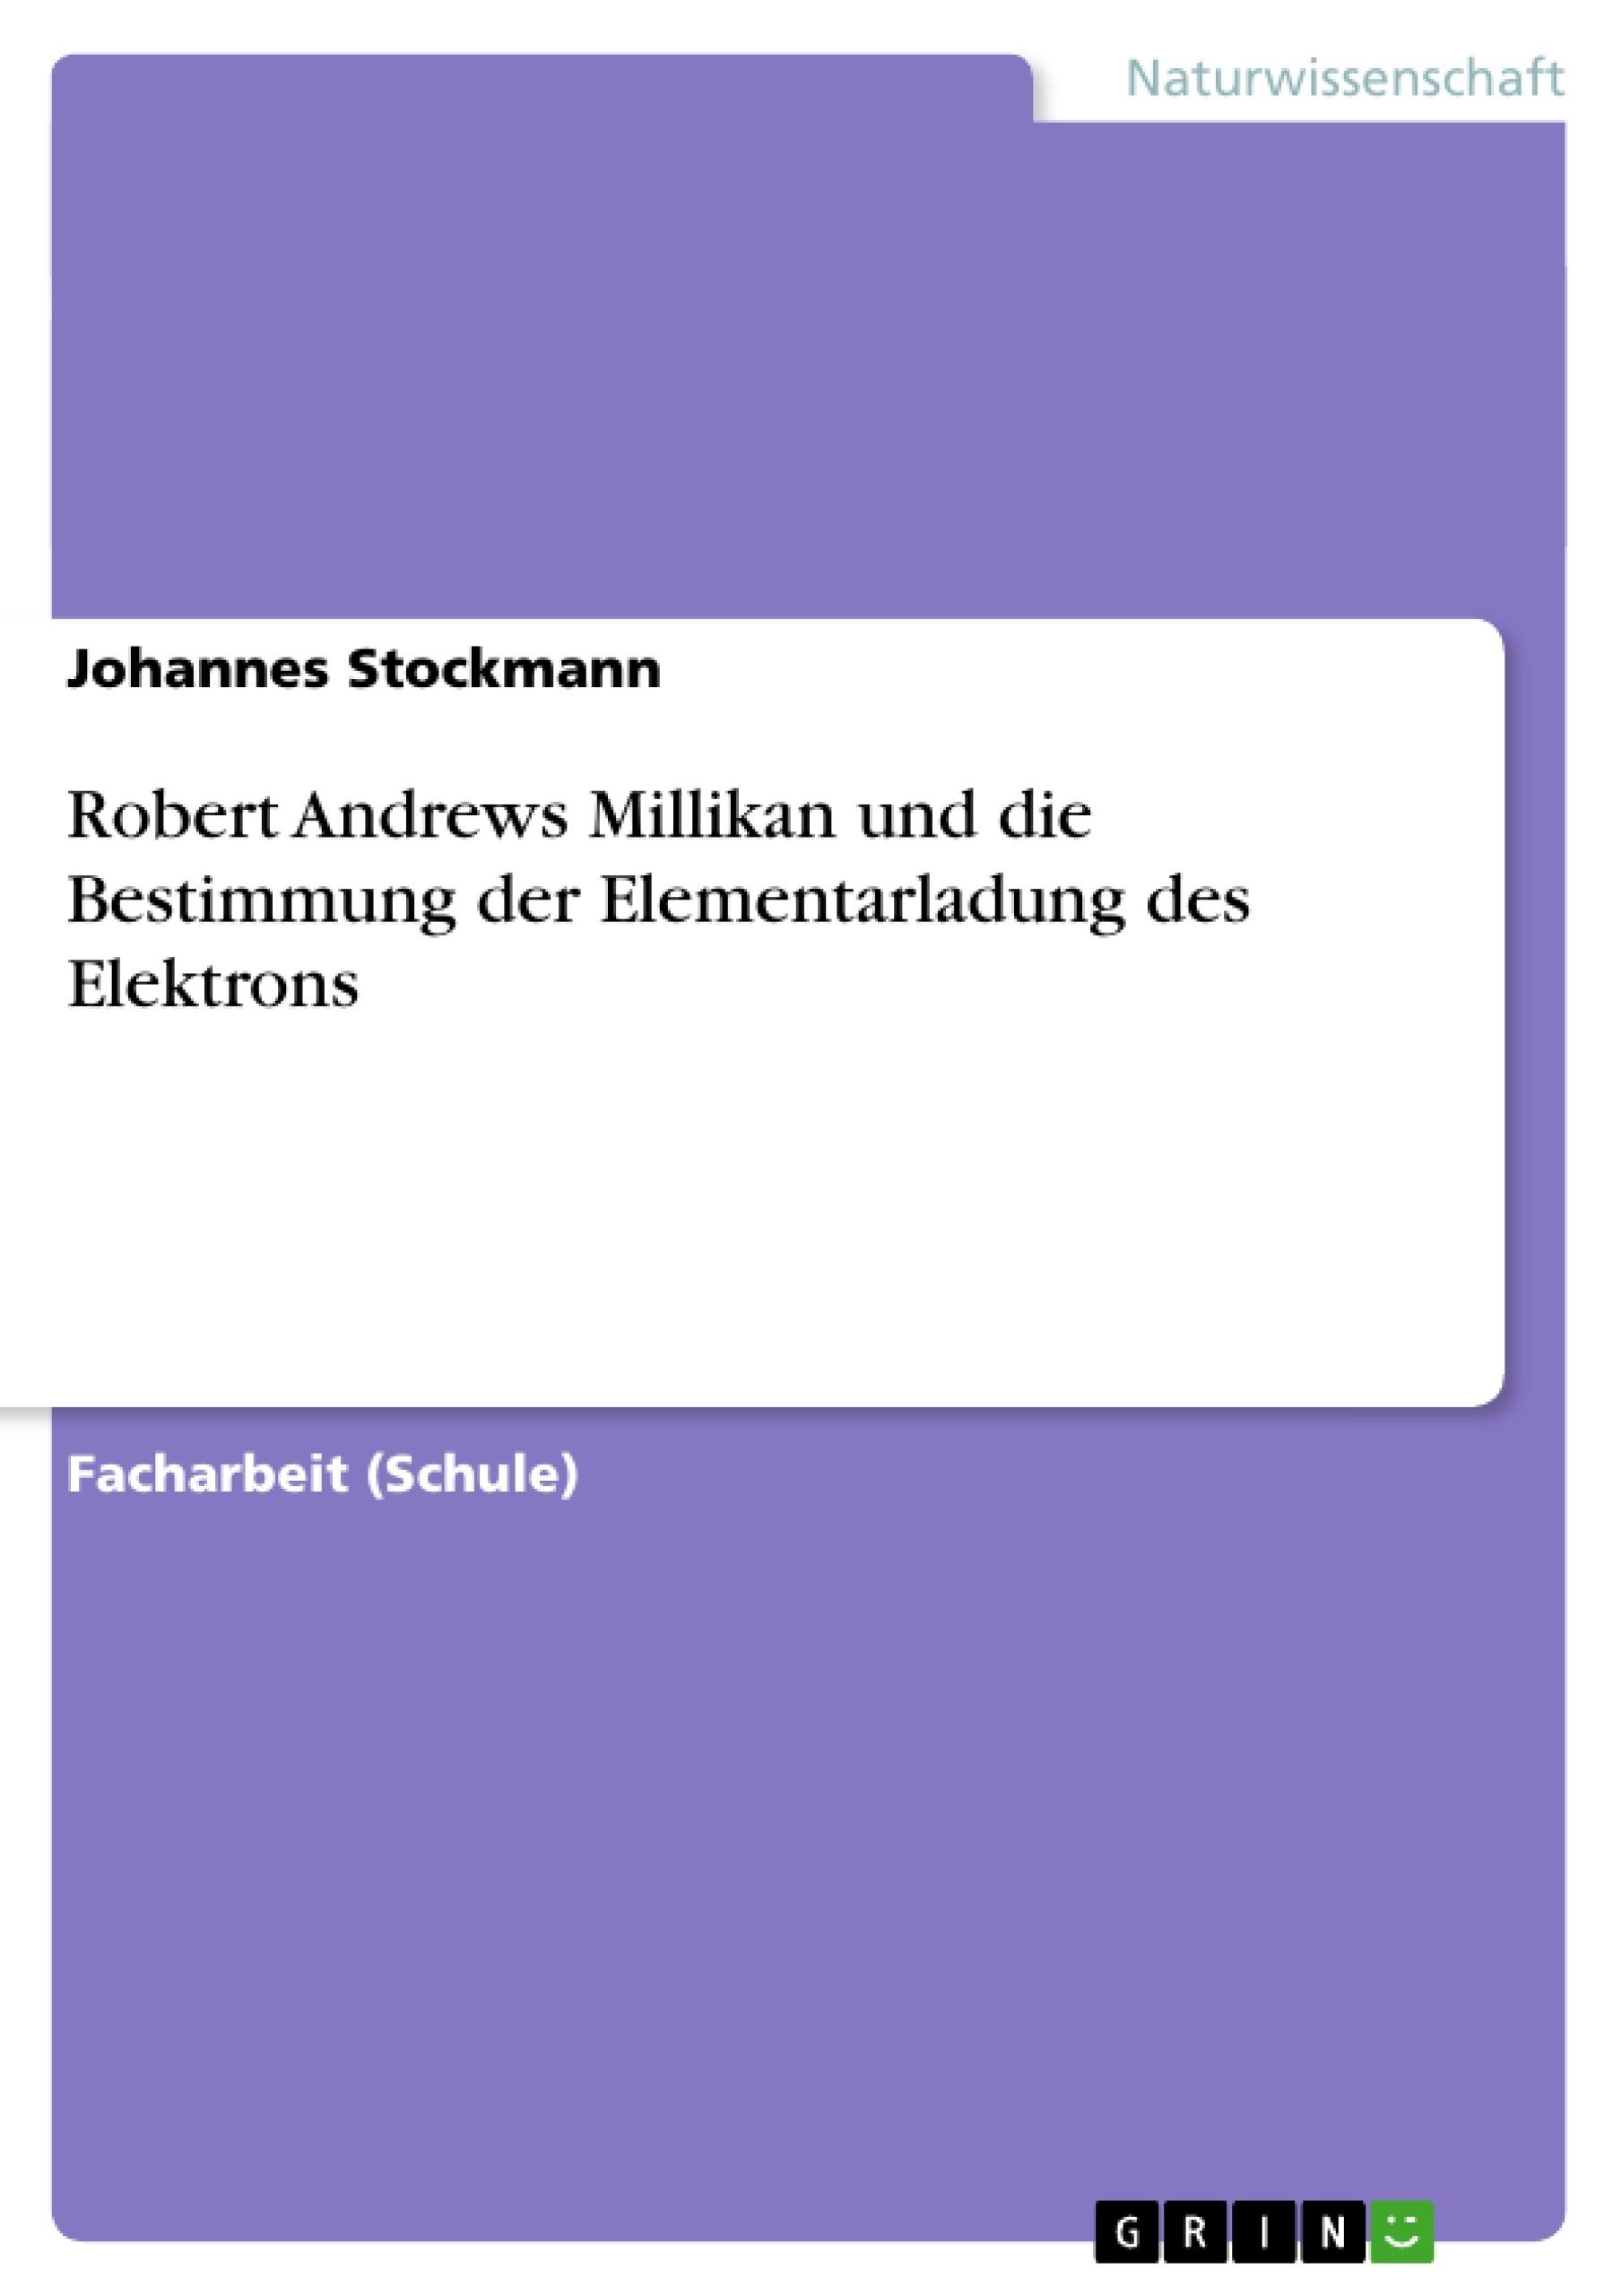 Titel: Robert Andrews Millikan und die Bestimmung der Elementarladung des Elektrons